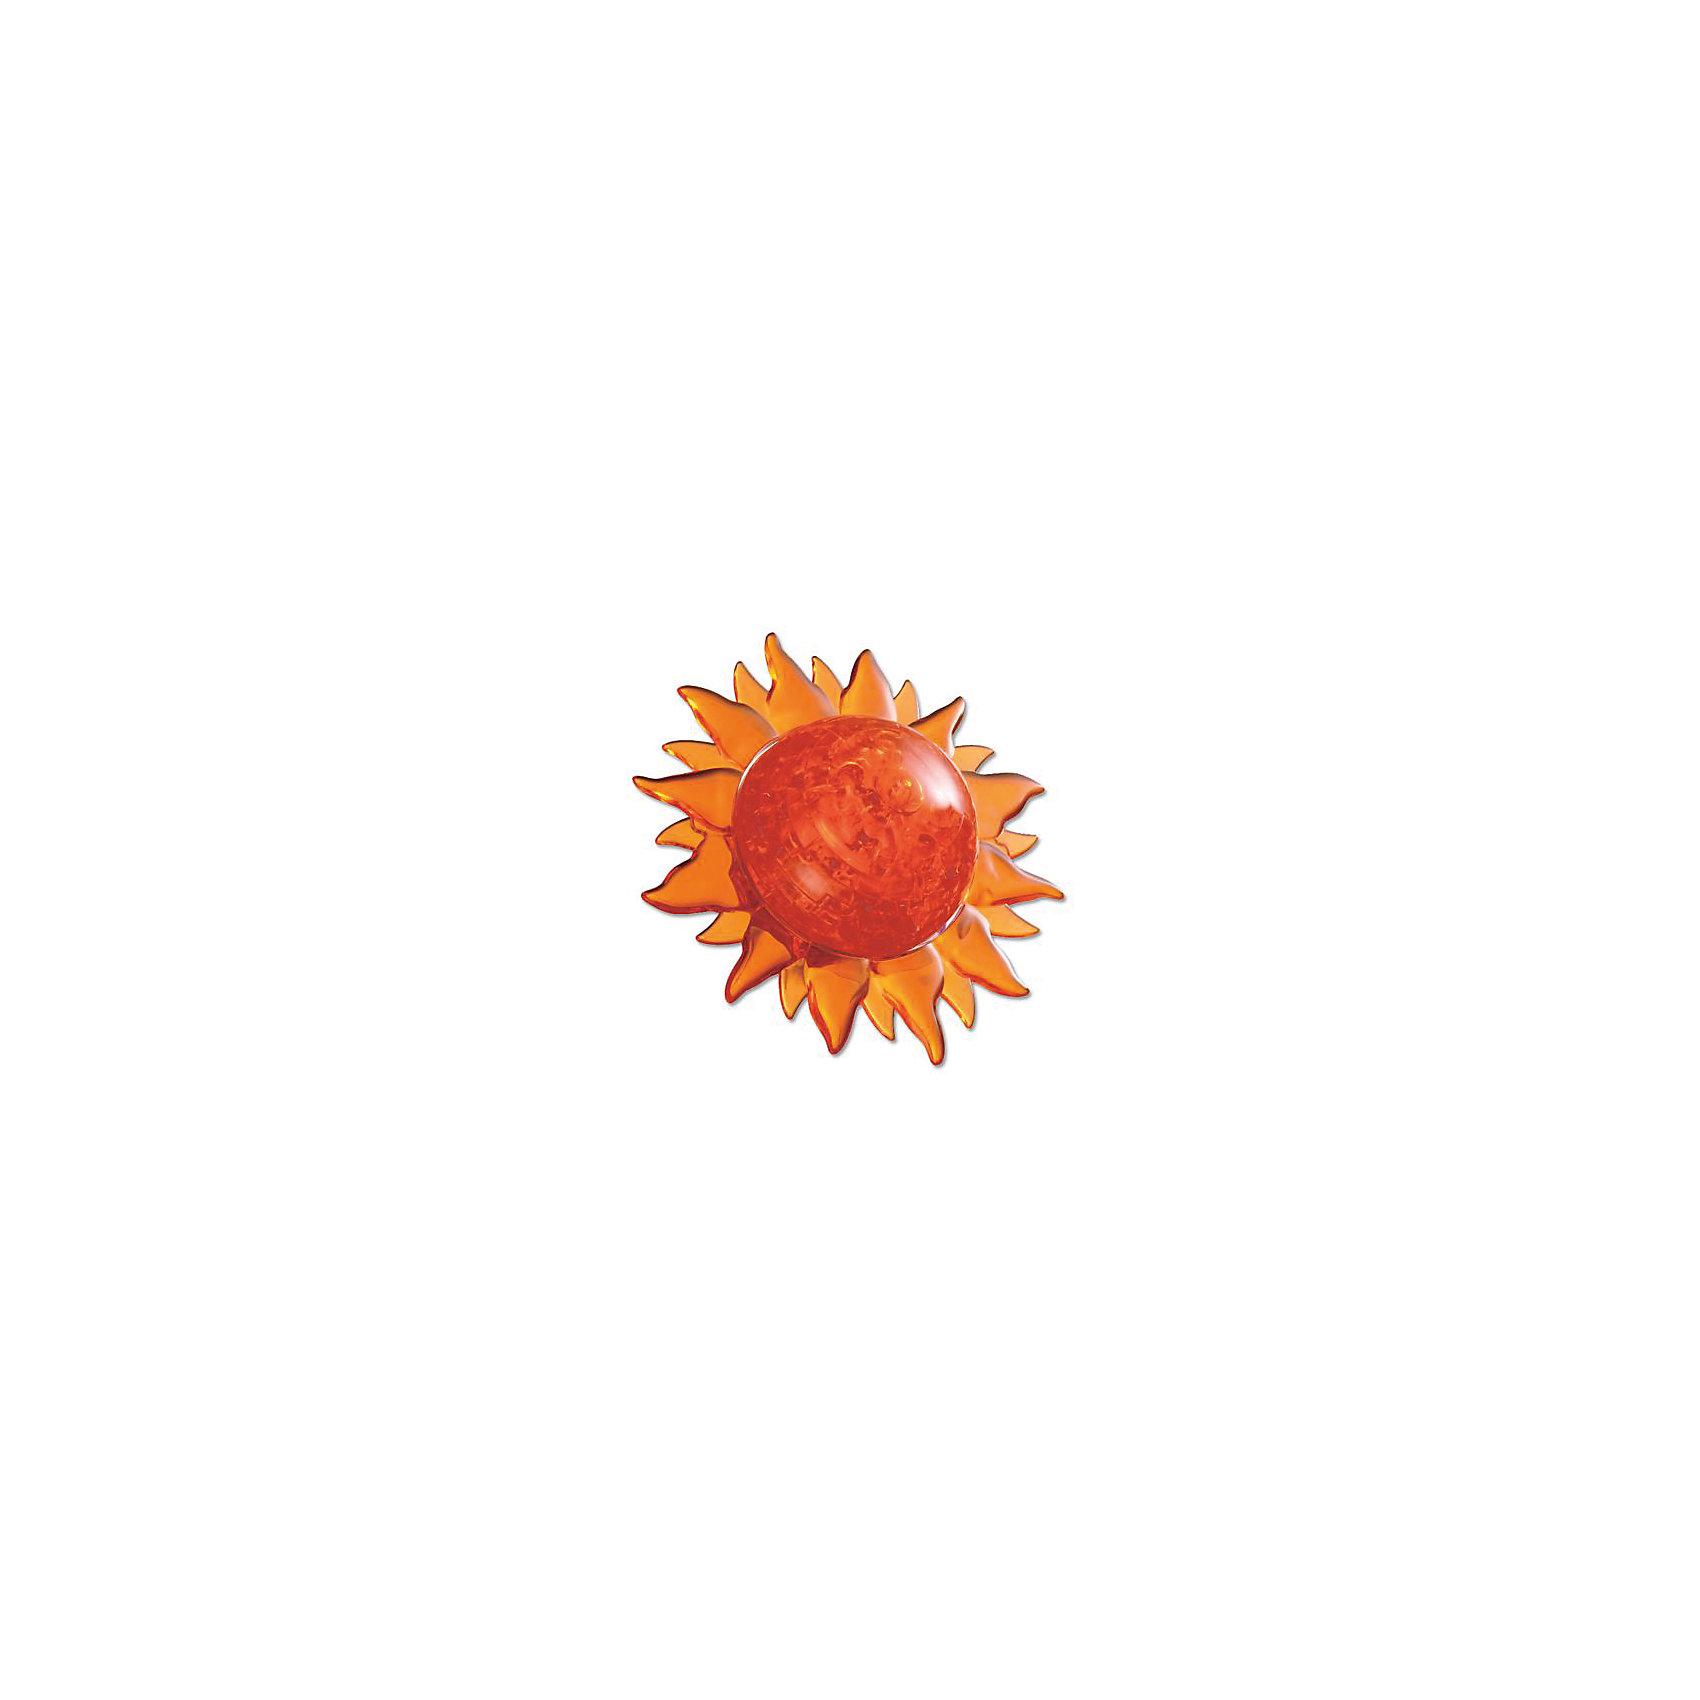 Кристаллический пазл 3D Солнце, Crystal PuzzleКристаллический пазл 3D Солнце, Crystal Puzzle (Кристал Пазл)<br><br>Характеристики:<br><br>• яркий объемный пазл<br>• размер готовой фигурки: 8 см<br>• количество деталей: 40<br>• высокая сложность<br>• размер упаковки: 5х14х10 см<br>• вес: 210 грамм<br>• материал: пластик<br><br>Яркое солнышко от Crystal Puzzle порадует вас своей красотой и сиянием. Для этого нужно собрать пазл, состоящий из 40 деталей. Если во время сборки возникнут трудности - воспользуйтесь подробной инструкцией с нумерацией деталей. Готовую фигурку можно преподнести в подарок или оставить для украшения дома. Процесс собрания пазлов прекрасно развивает моторику рук, пространственное и логическое мышление.<br><br>Кристаллический пазл 3D Солнце, Crystal Puzzle (Кристал Пазл) можно купить в нашем интернет-магазине.<br><br>Ширина мм: 100<br>Глубина мм: 140<br>Высота мм: 50<br>Вес г: 210<br>Возраст от месяцев: 120<br>Возраст до месяцев: 2147483647<br>Пол: Унисекс<br>Возраст: Детский<br>SKU: 5397250